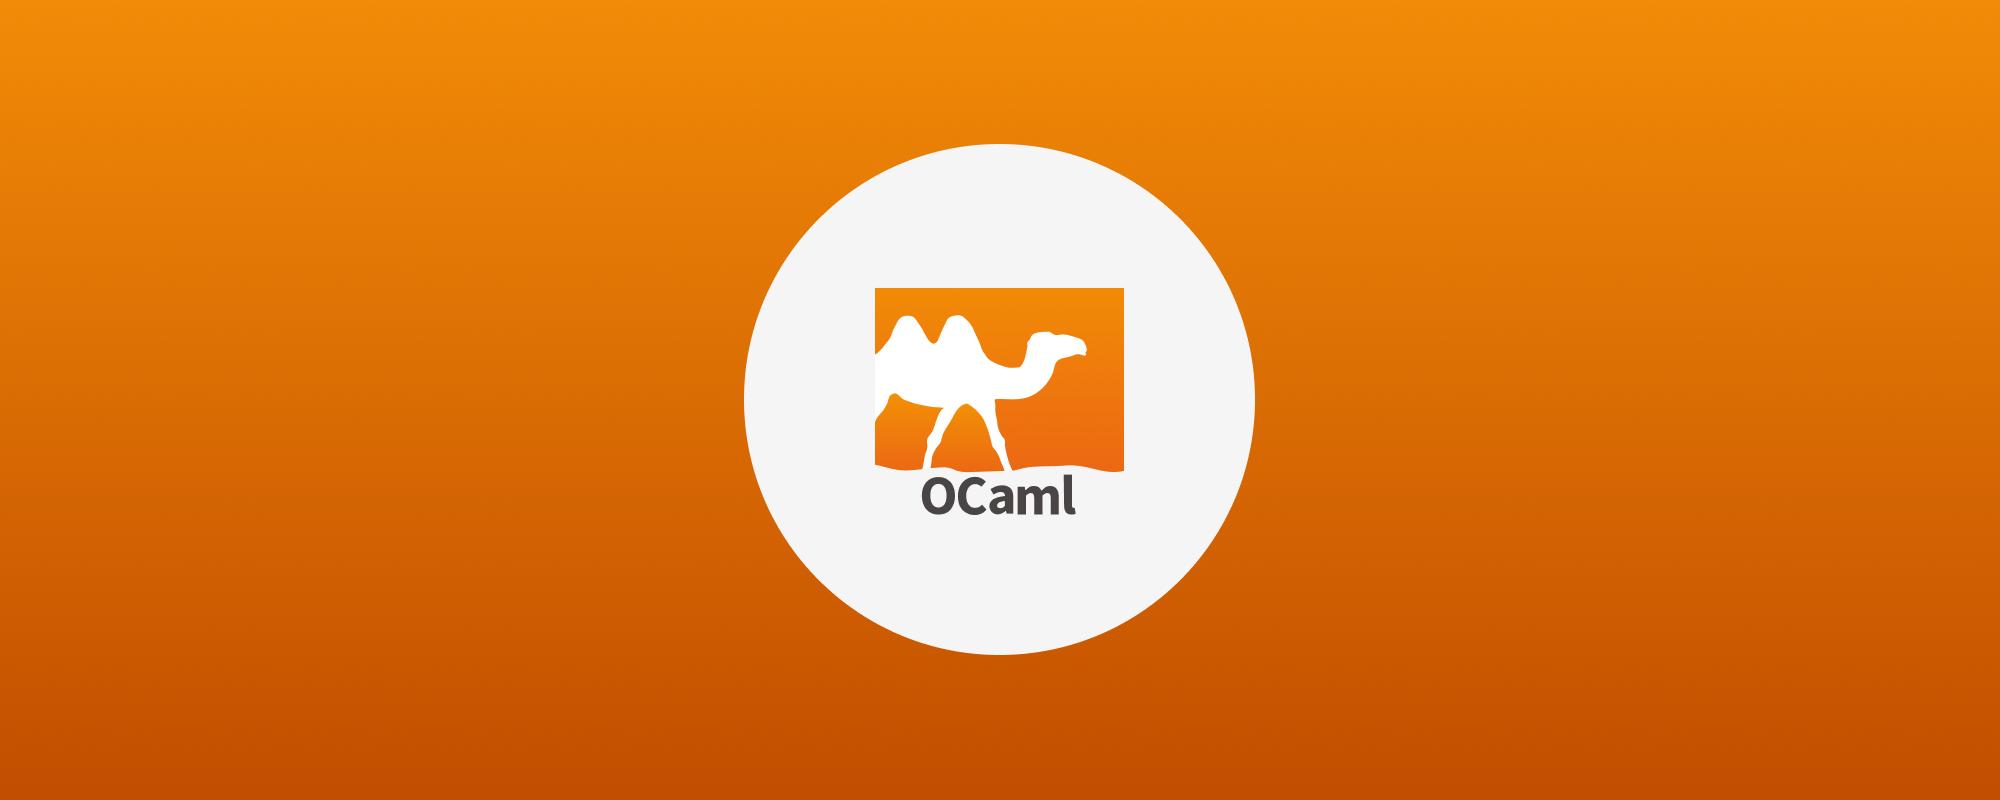 OCaml